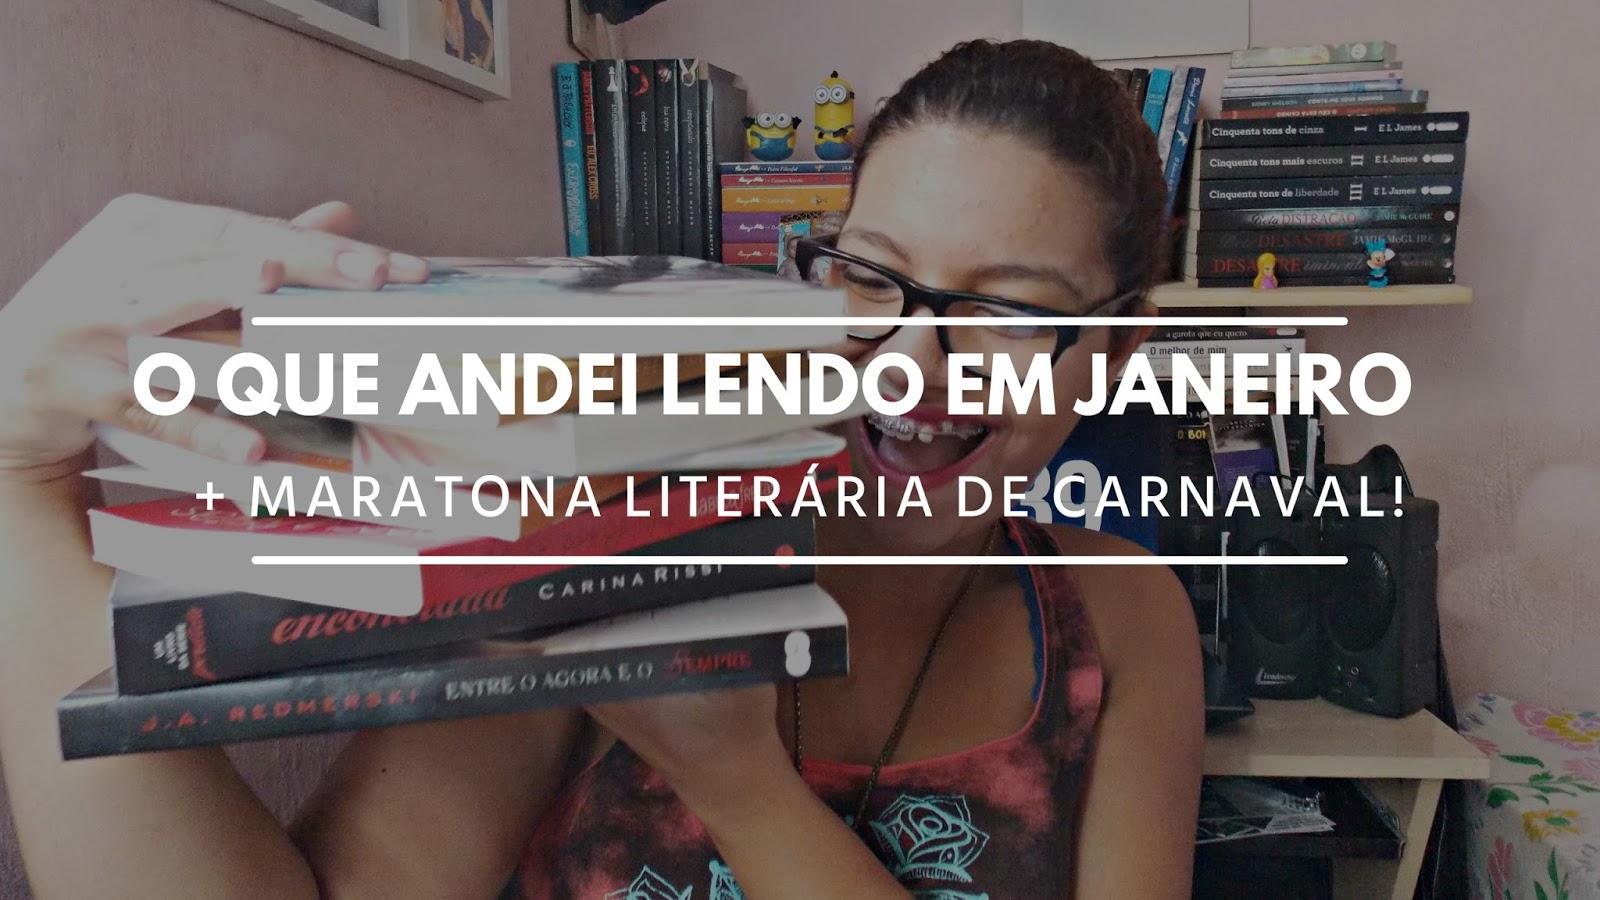 Leituras de Janeiro + Maratona Literária de Carnaval! | BLOG CONFIDENT